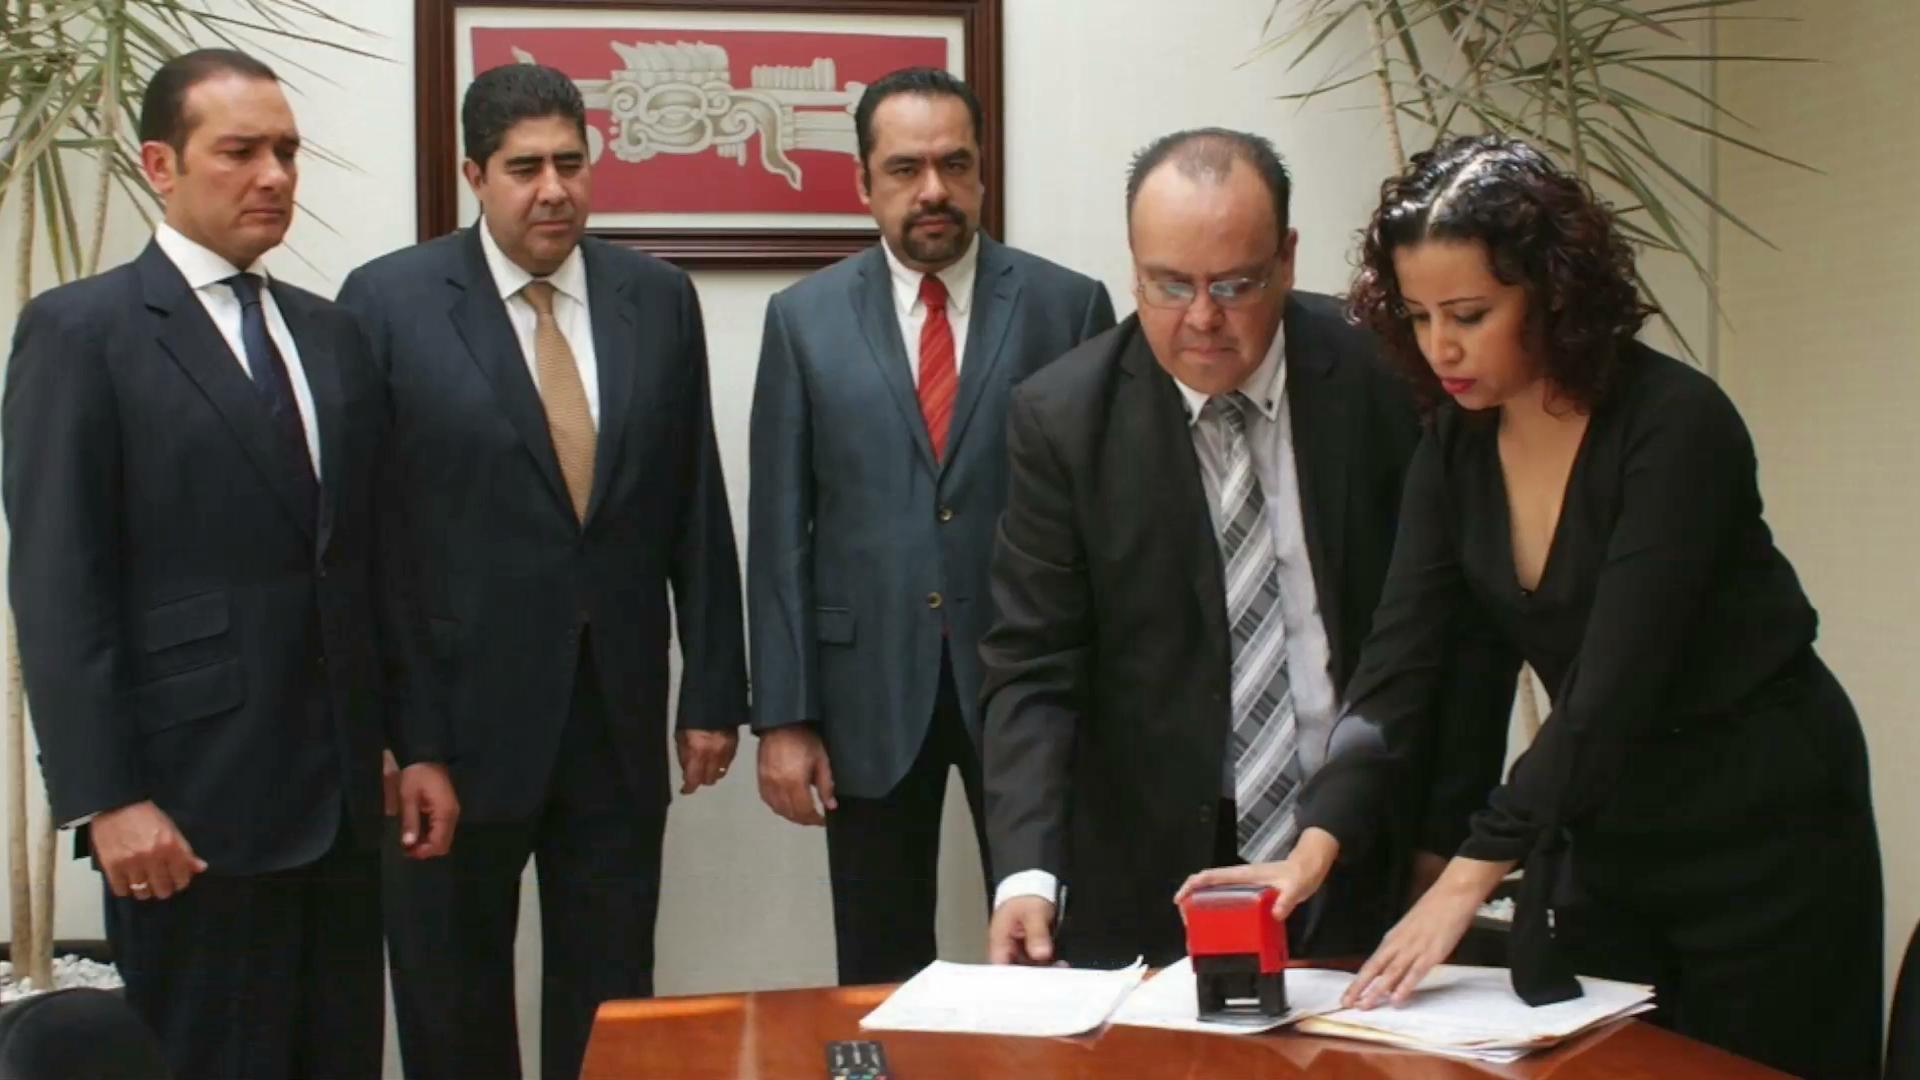 Rinde el gobernador declaración por escrito en torno al caso de la colonia Narvarte